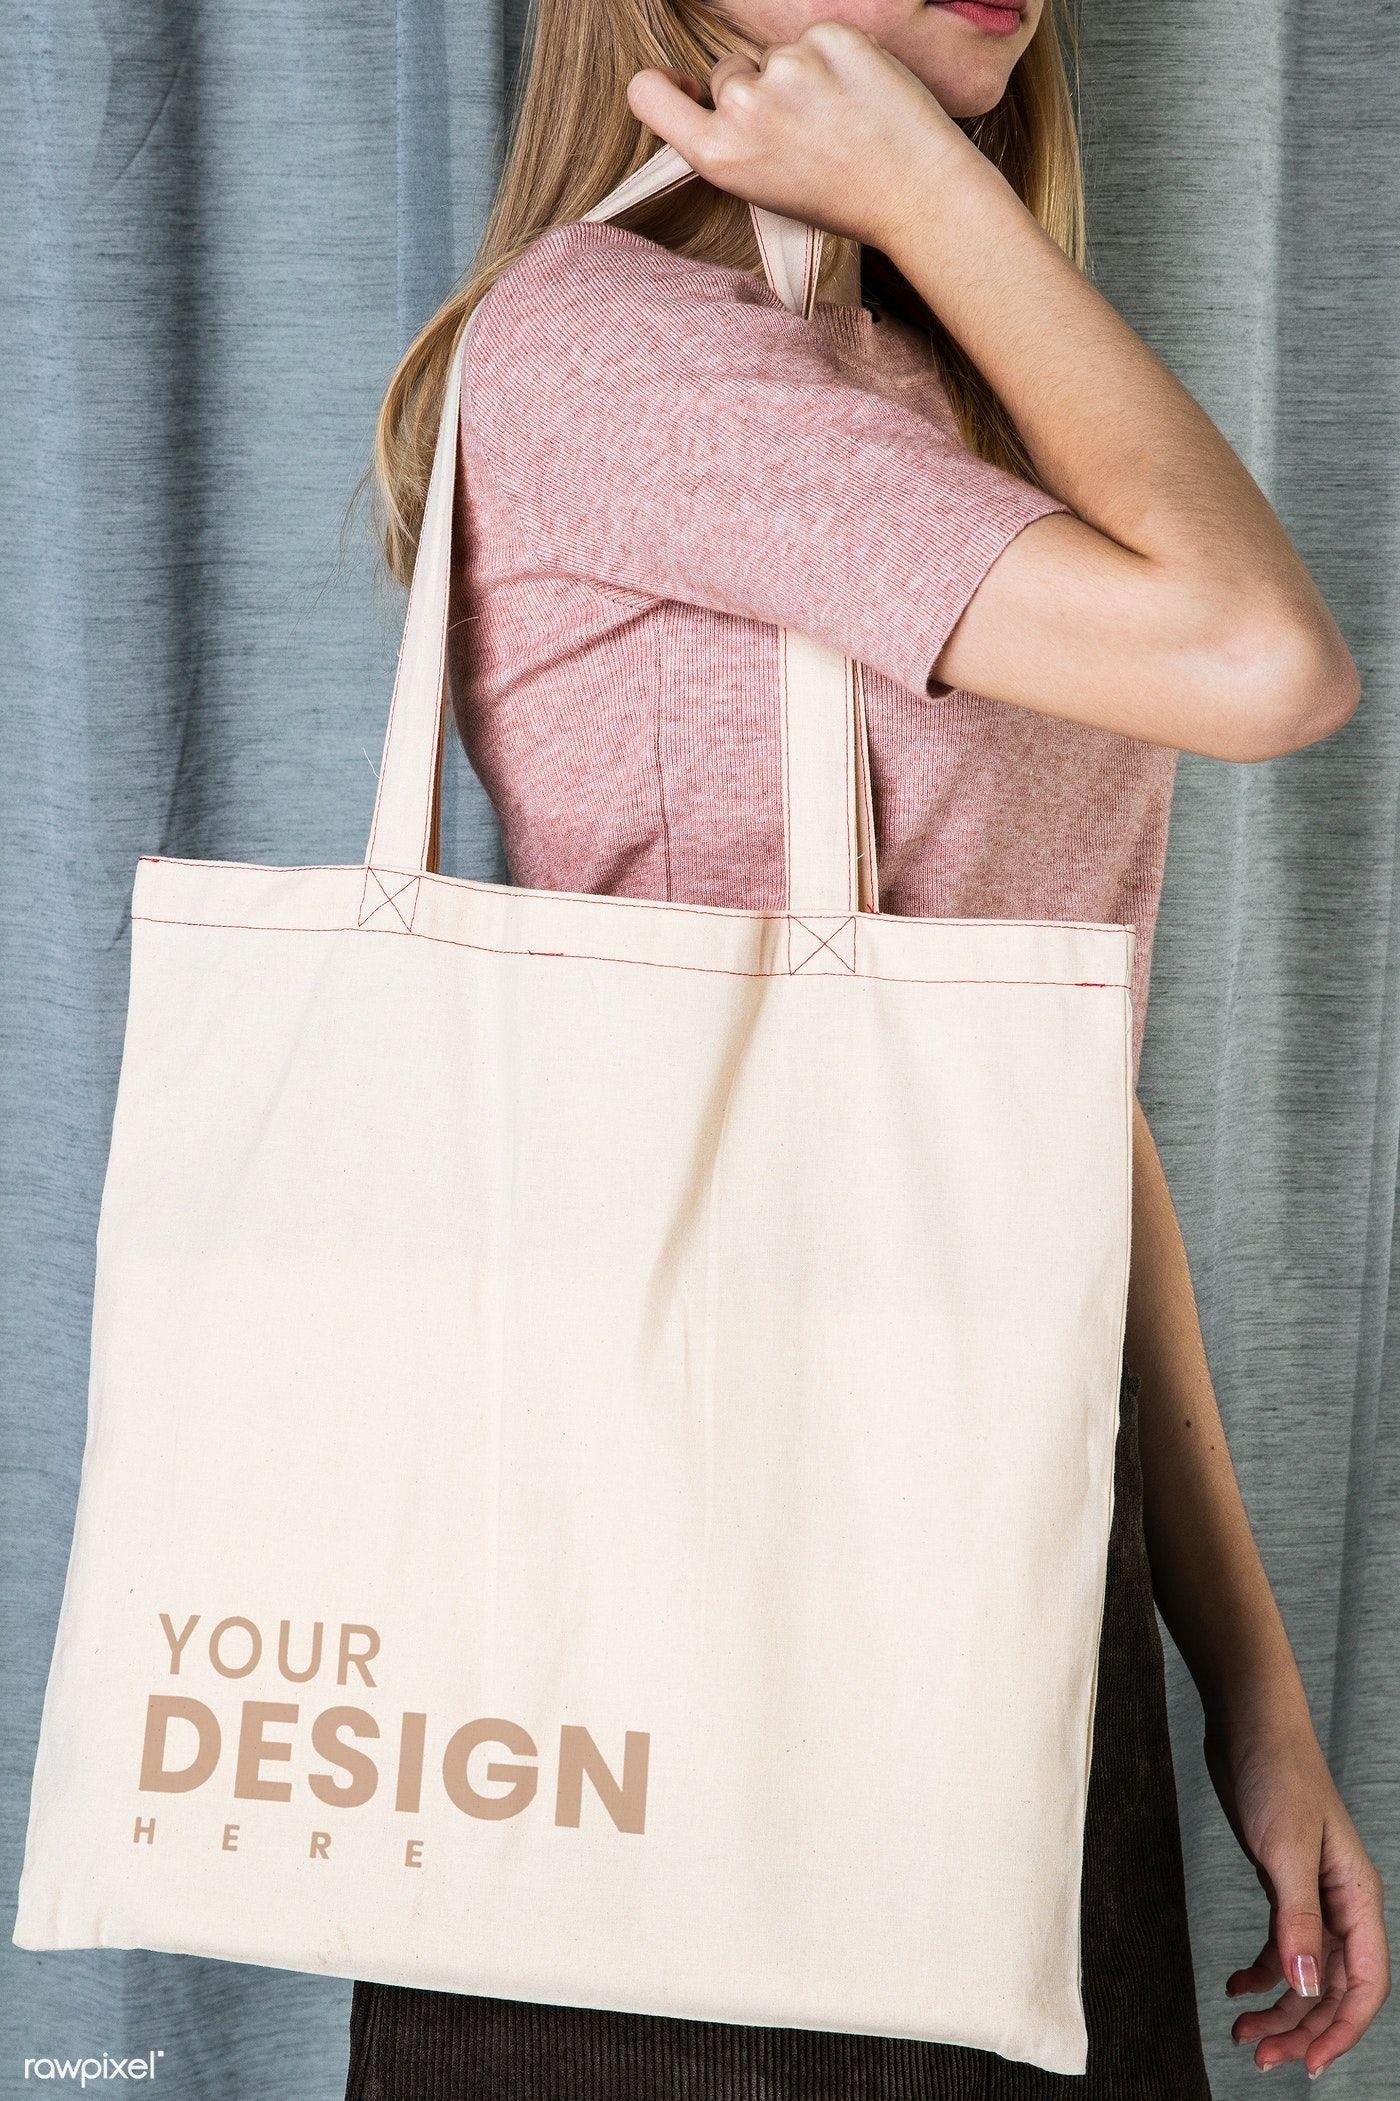 Download Download Premium Psd Of Woman With Tote Bag Mockup 2290584 In 2020 Bag Mockup Tote Bag Bags